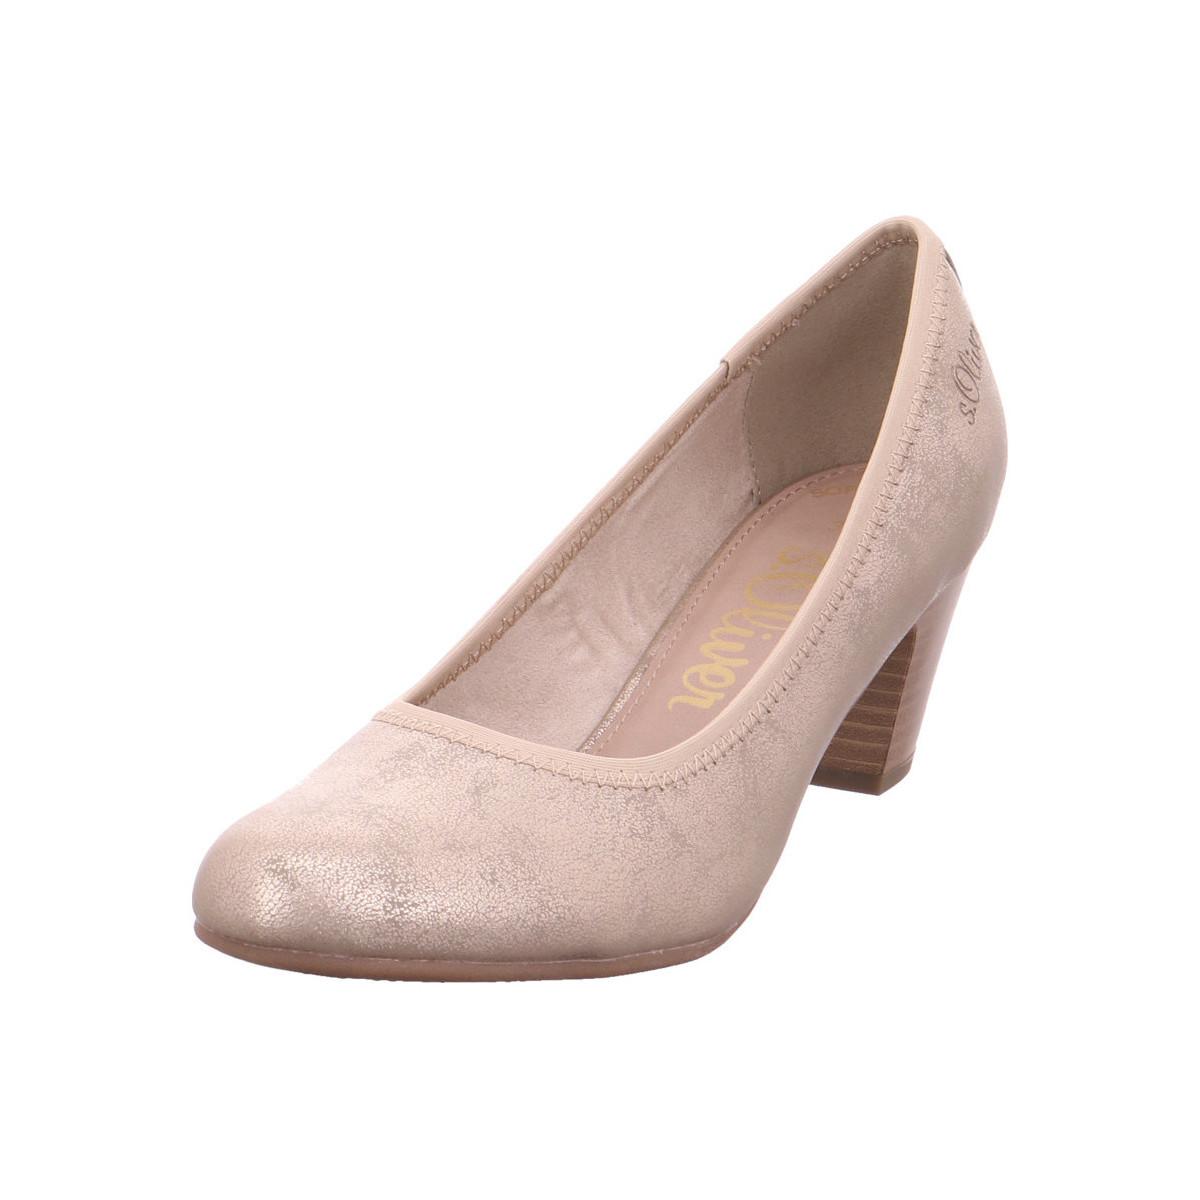 SOliver Da-Pumps ROSE METALLIC 519 - Schuhe Pumps Damen 49,95 €